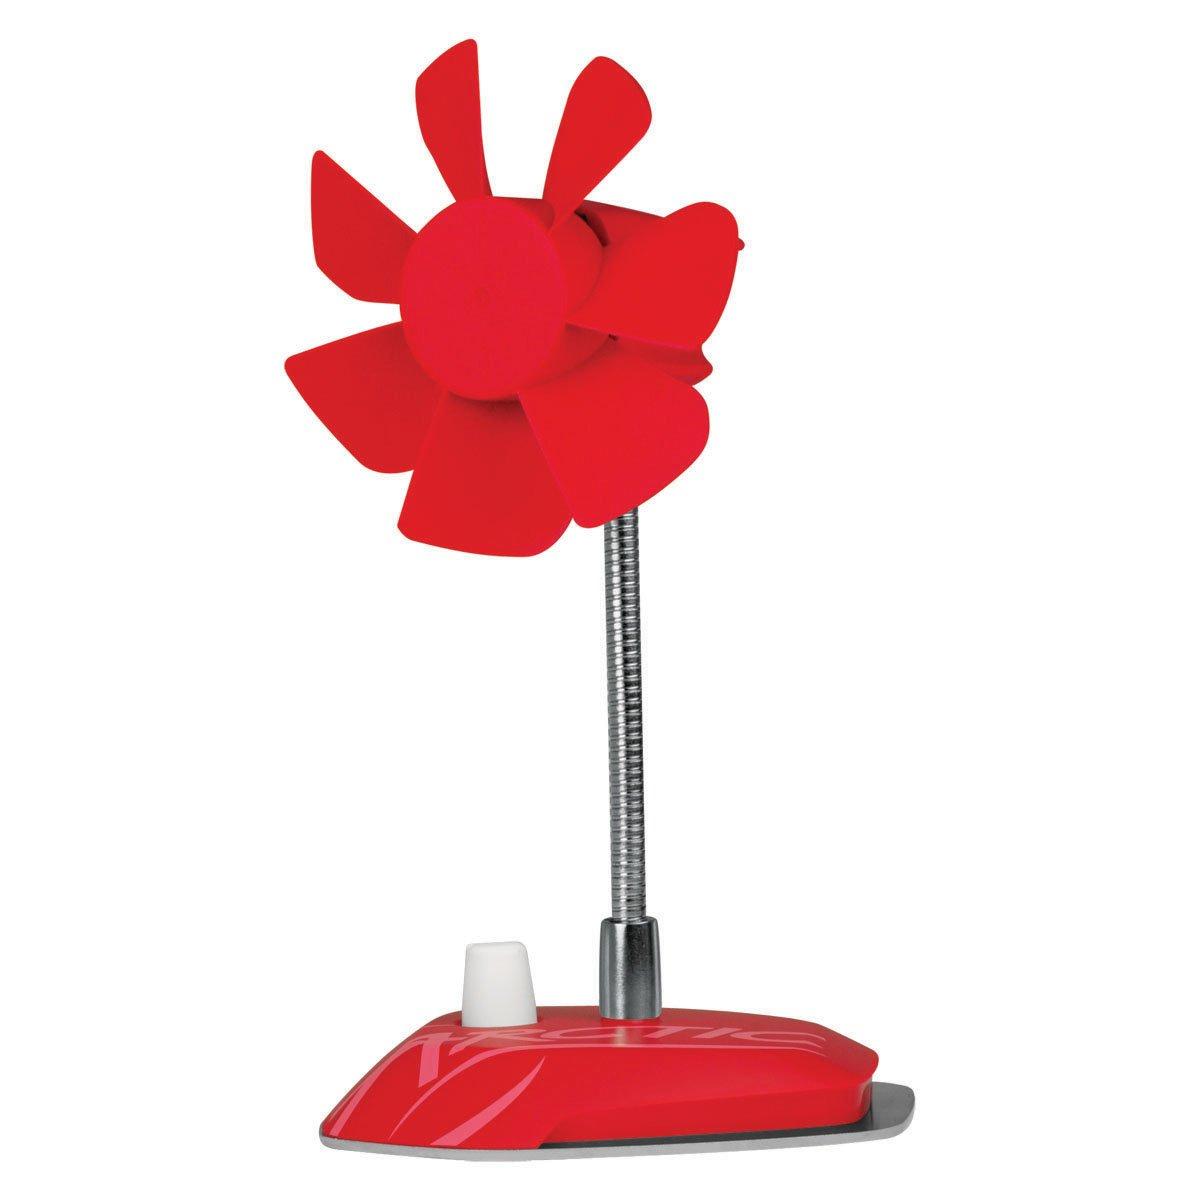 ARCTIC Breeze - USB Desktop Fan with Flexible Neck and Adjustable Fan Speed I Portable Desk Fan for Home, Office I Silent USB Fan I Fan Speed 800-1800 RPM - Red